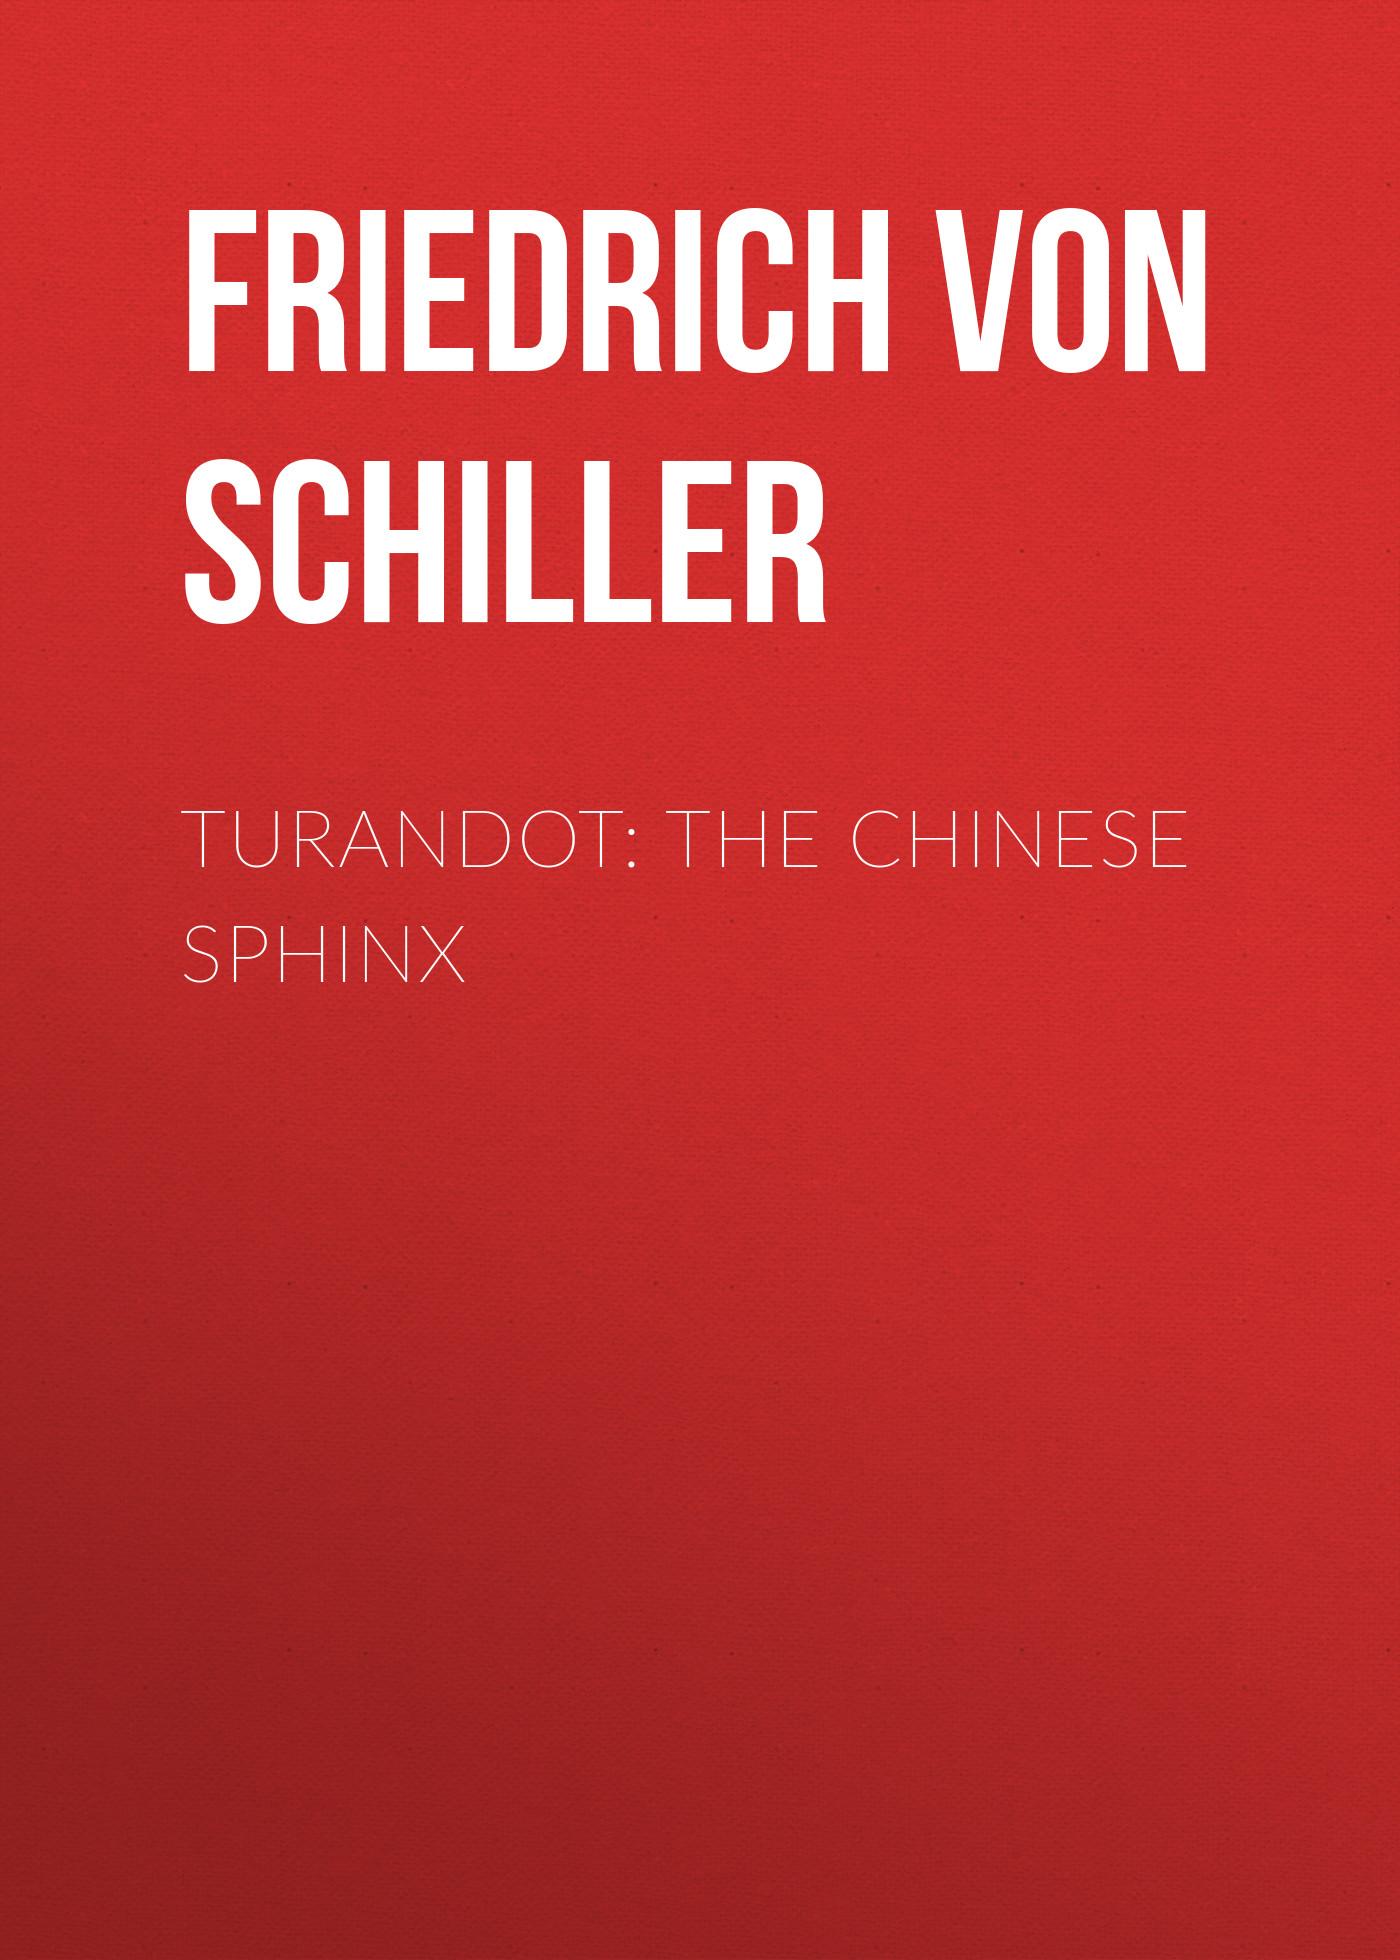 Friedrich von Schiller Turandot: The Chinese Sphinx скальп петуха veniard chinese cock cape